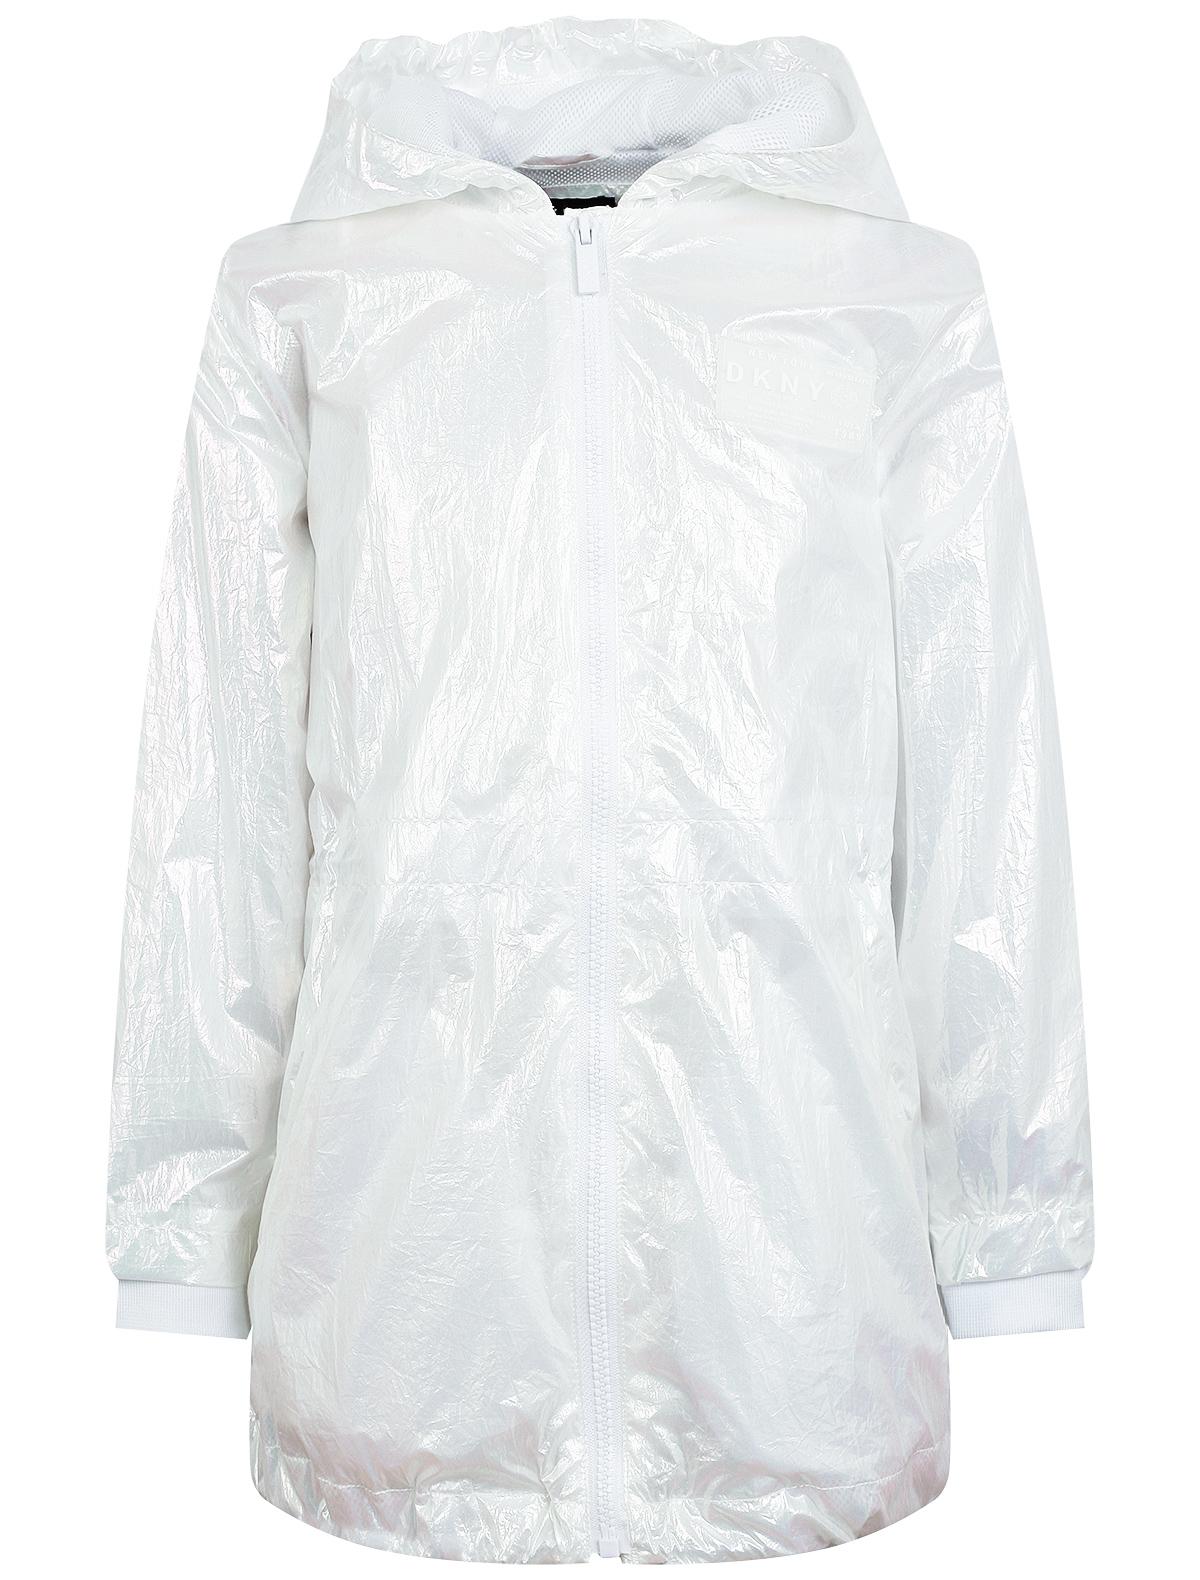 Купить 2159851, Ветровка DKNY, белый, Женский, 1571209070044